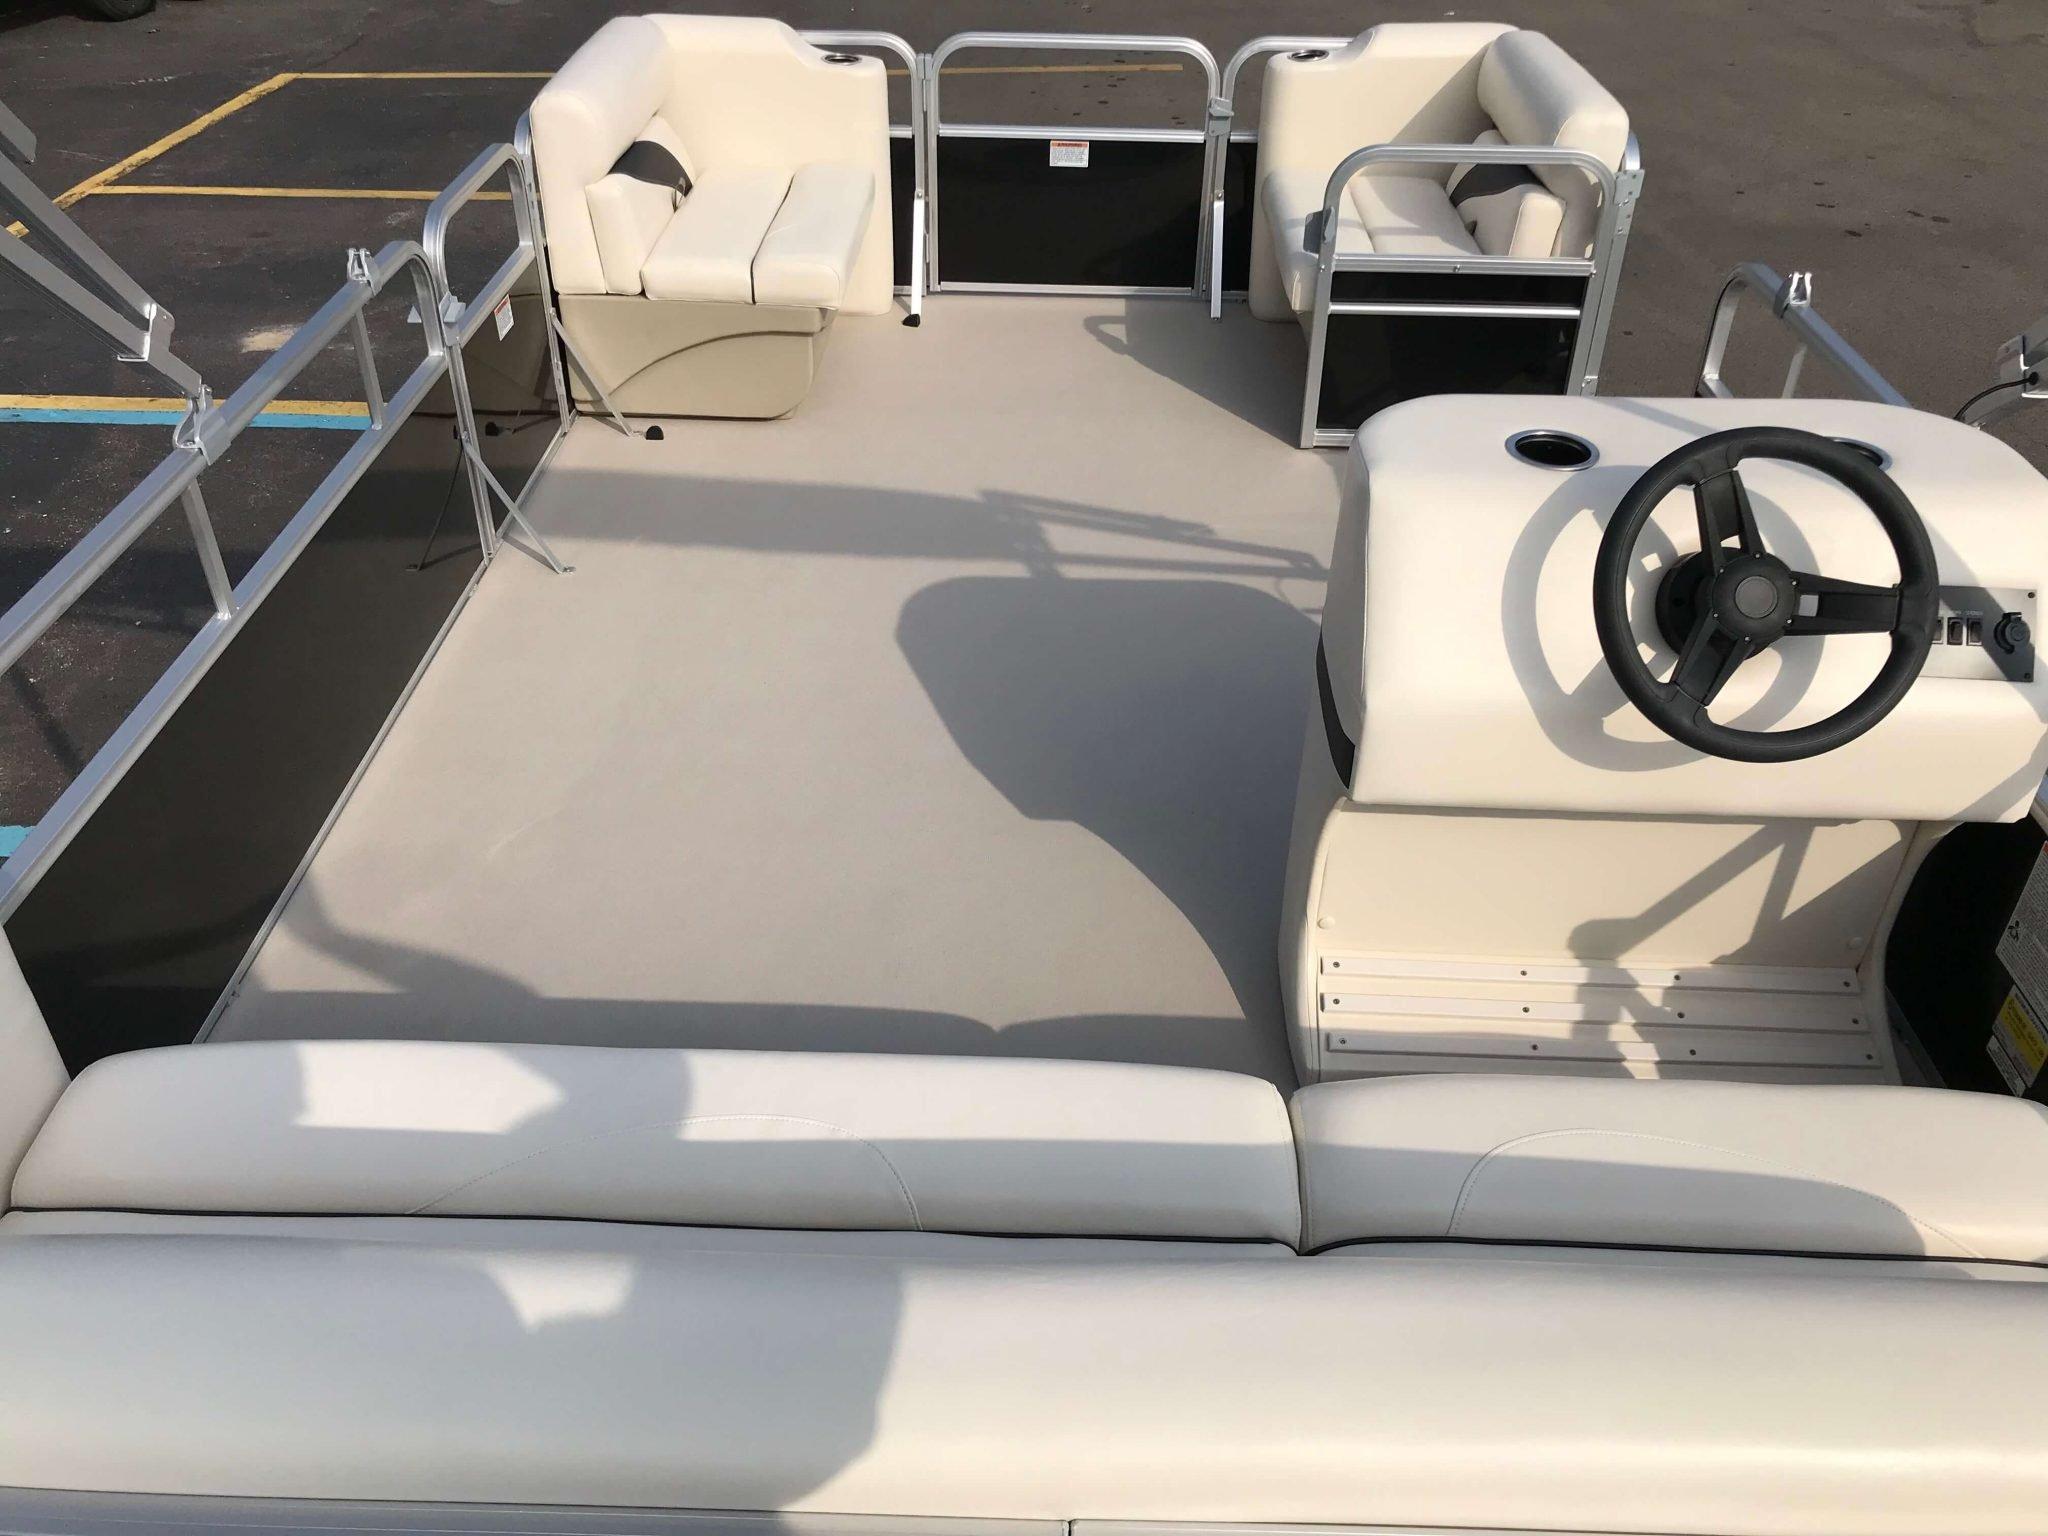 2019 SunChaser Oasis 816 Cruise Layout 2